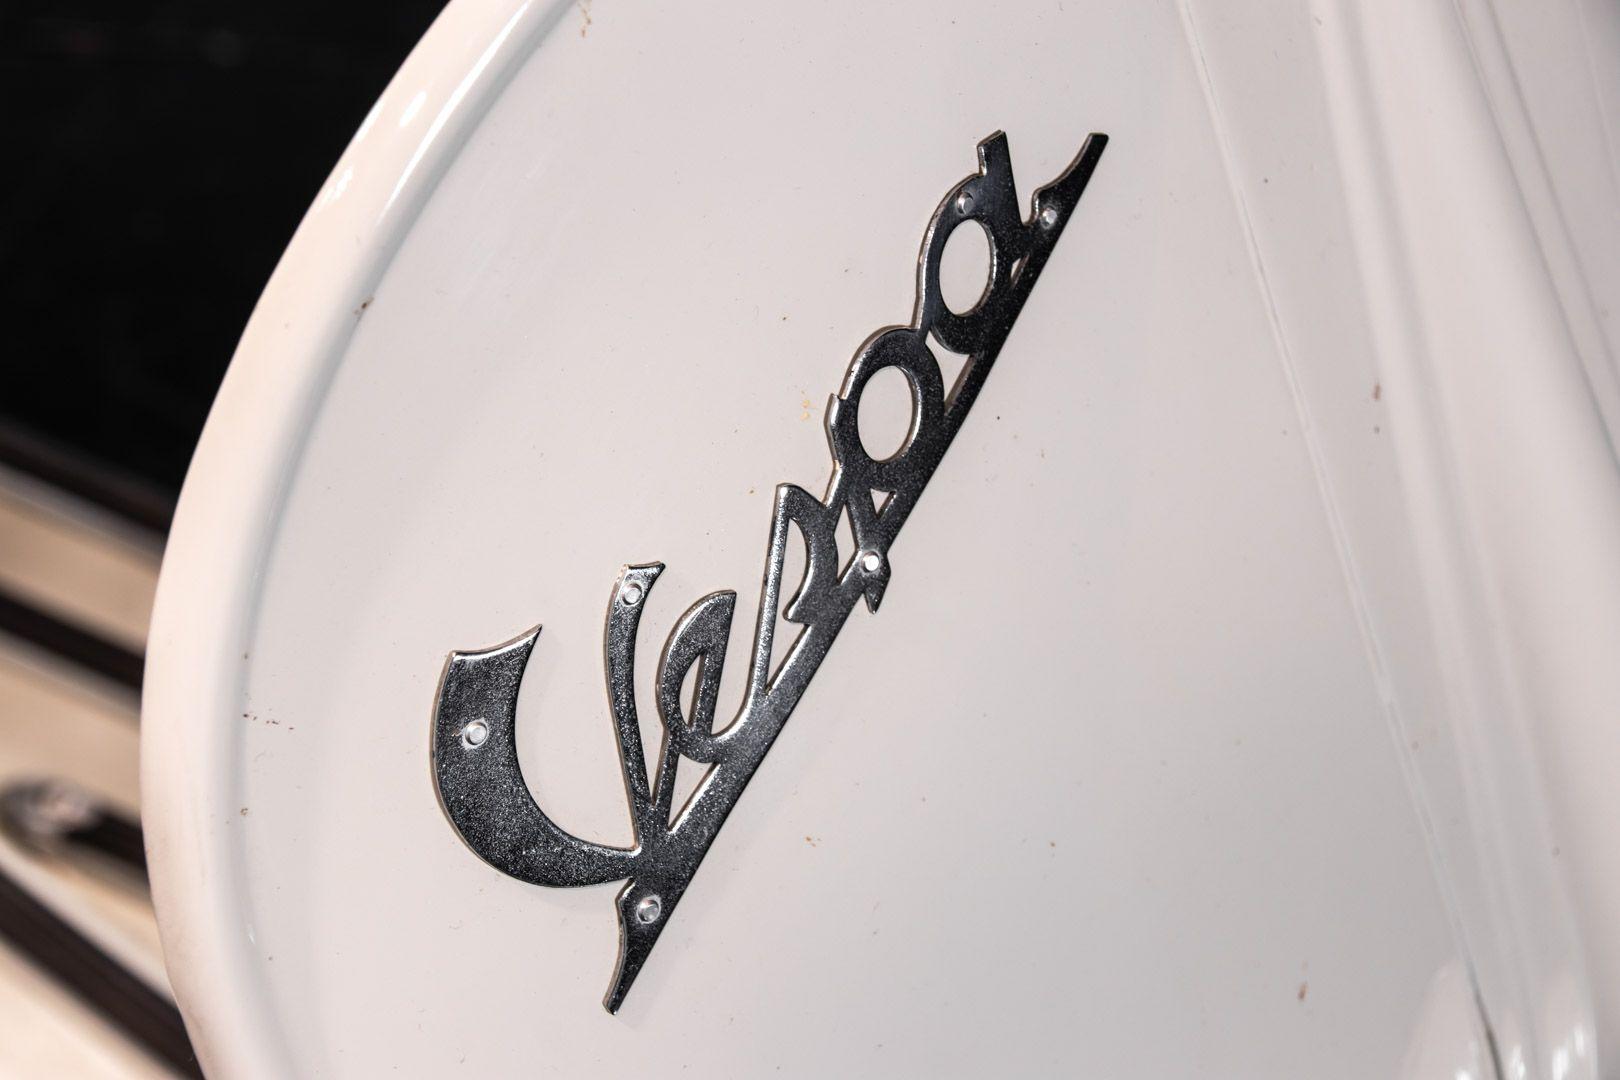 1956 Piaggio Vespa 150 VL3T 84133